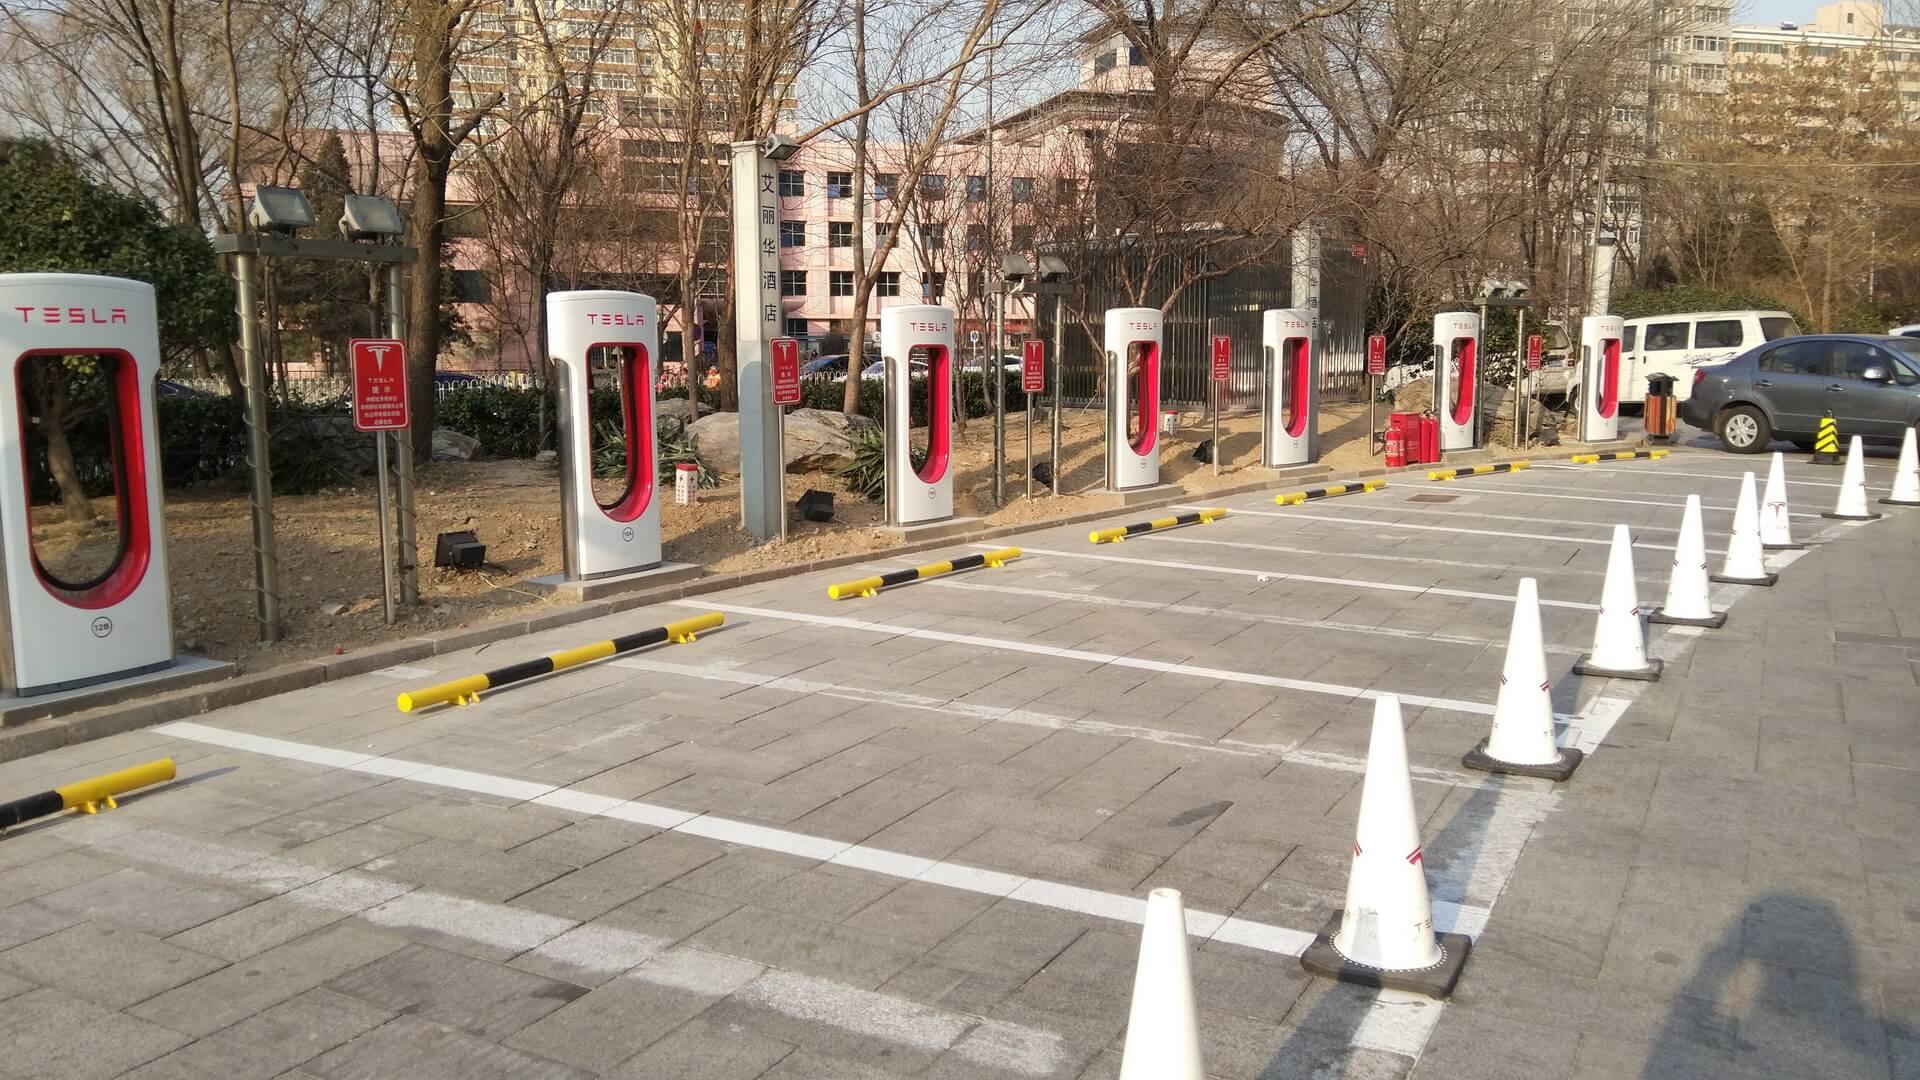 Быстрая зарядная станция Tesla Supercharger с50зарядными пунктами в Пекине